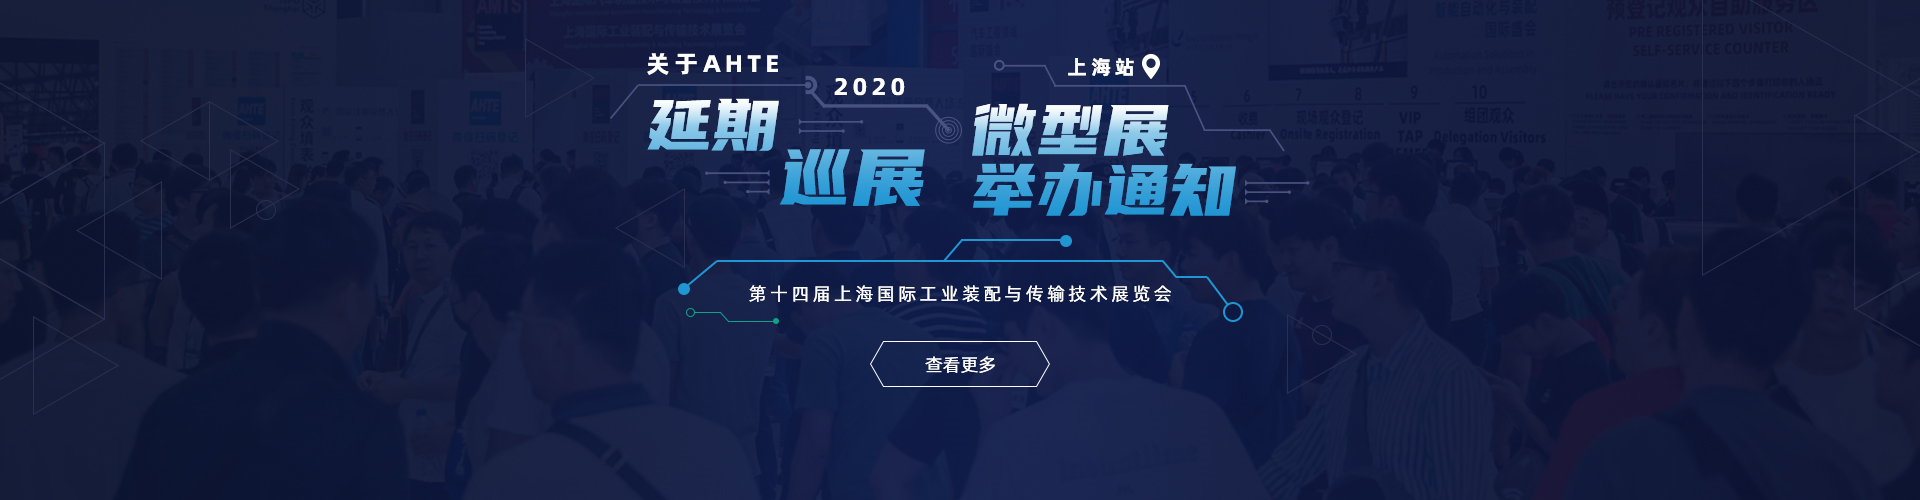 AHTE 2020 延期通知-cn